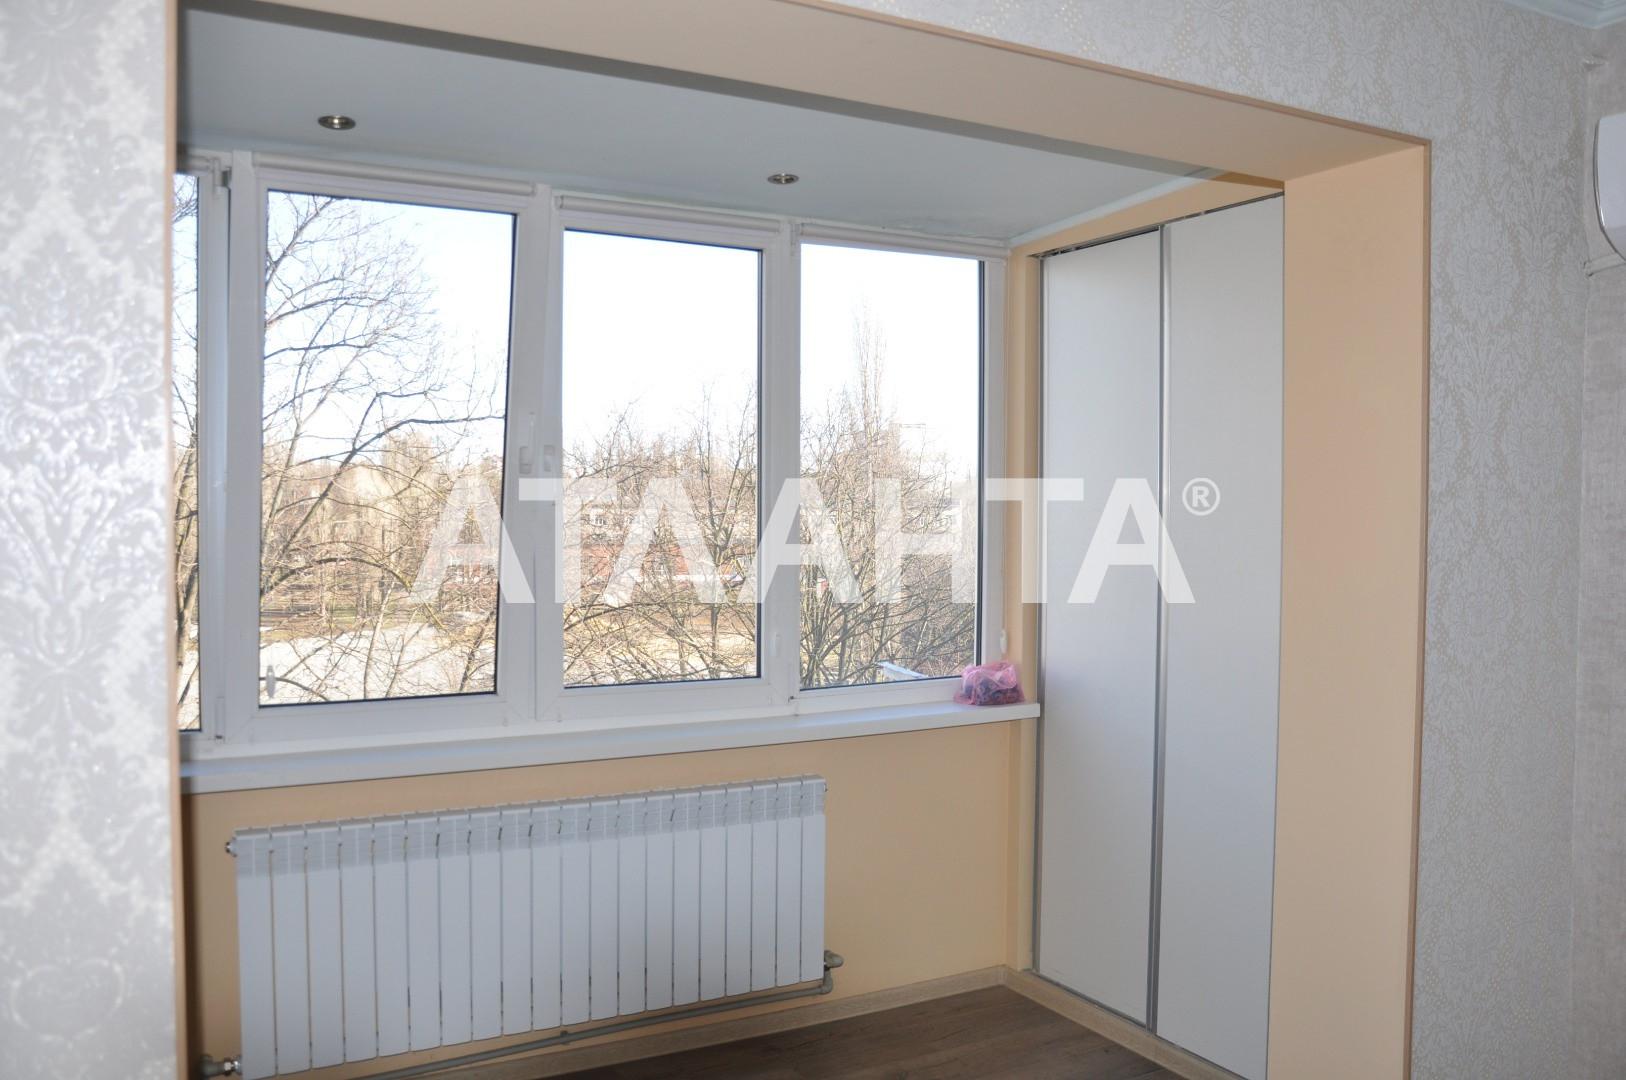 Продается 2-комнатная Квартира на ул. Ивана И Юрия Липы (Гайдара) — 38 000 у.е. (фото №8)